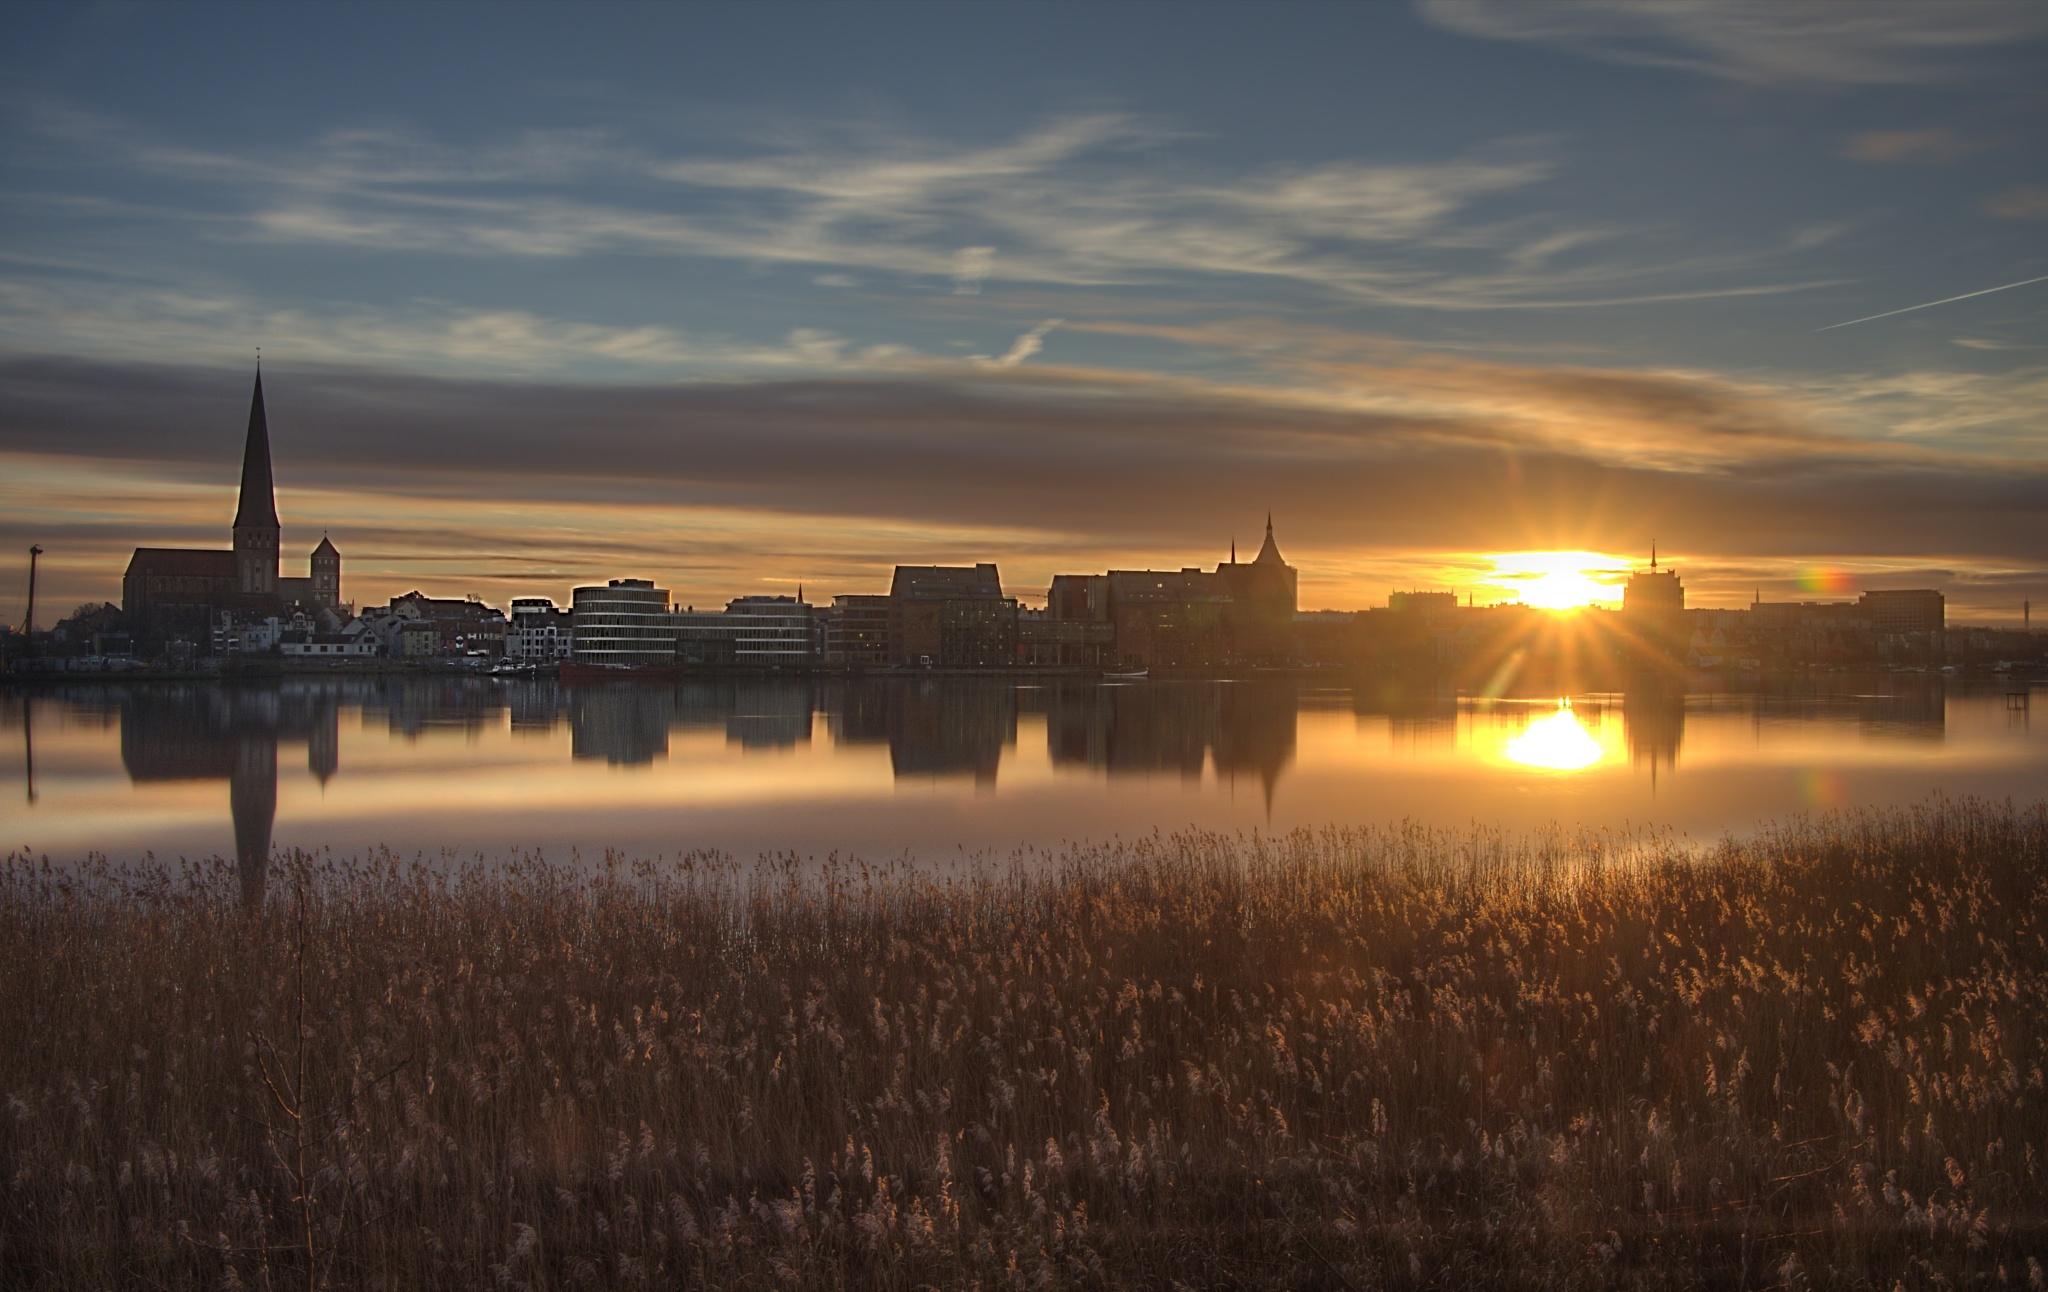 Skyline von Rostock bei Sonnenuntergang by diplompunk